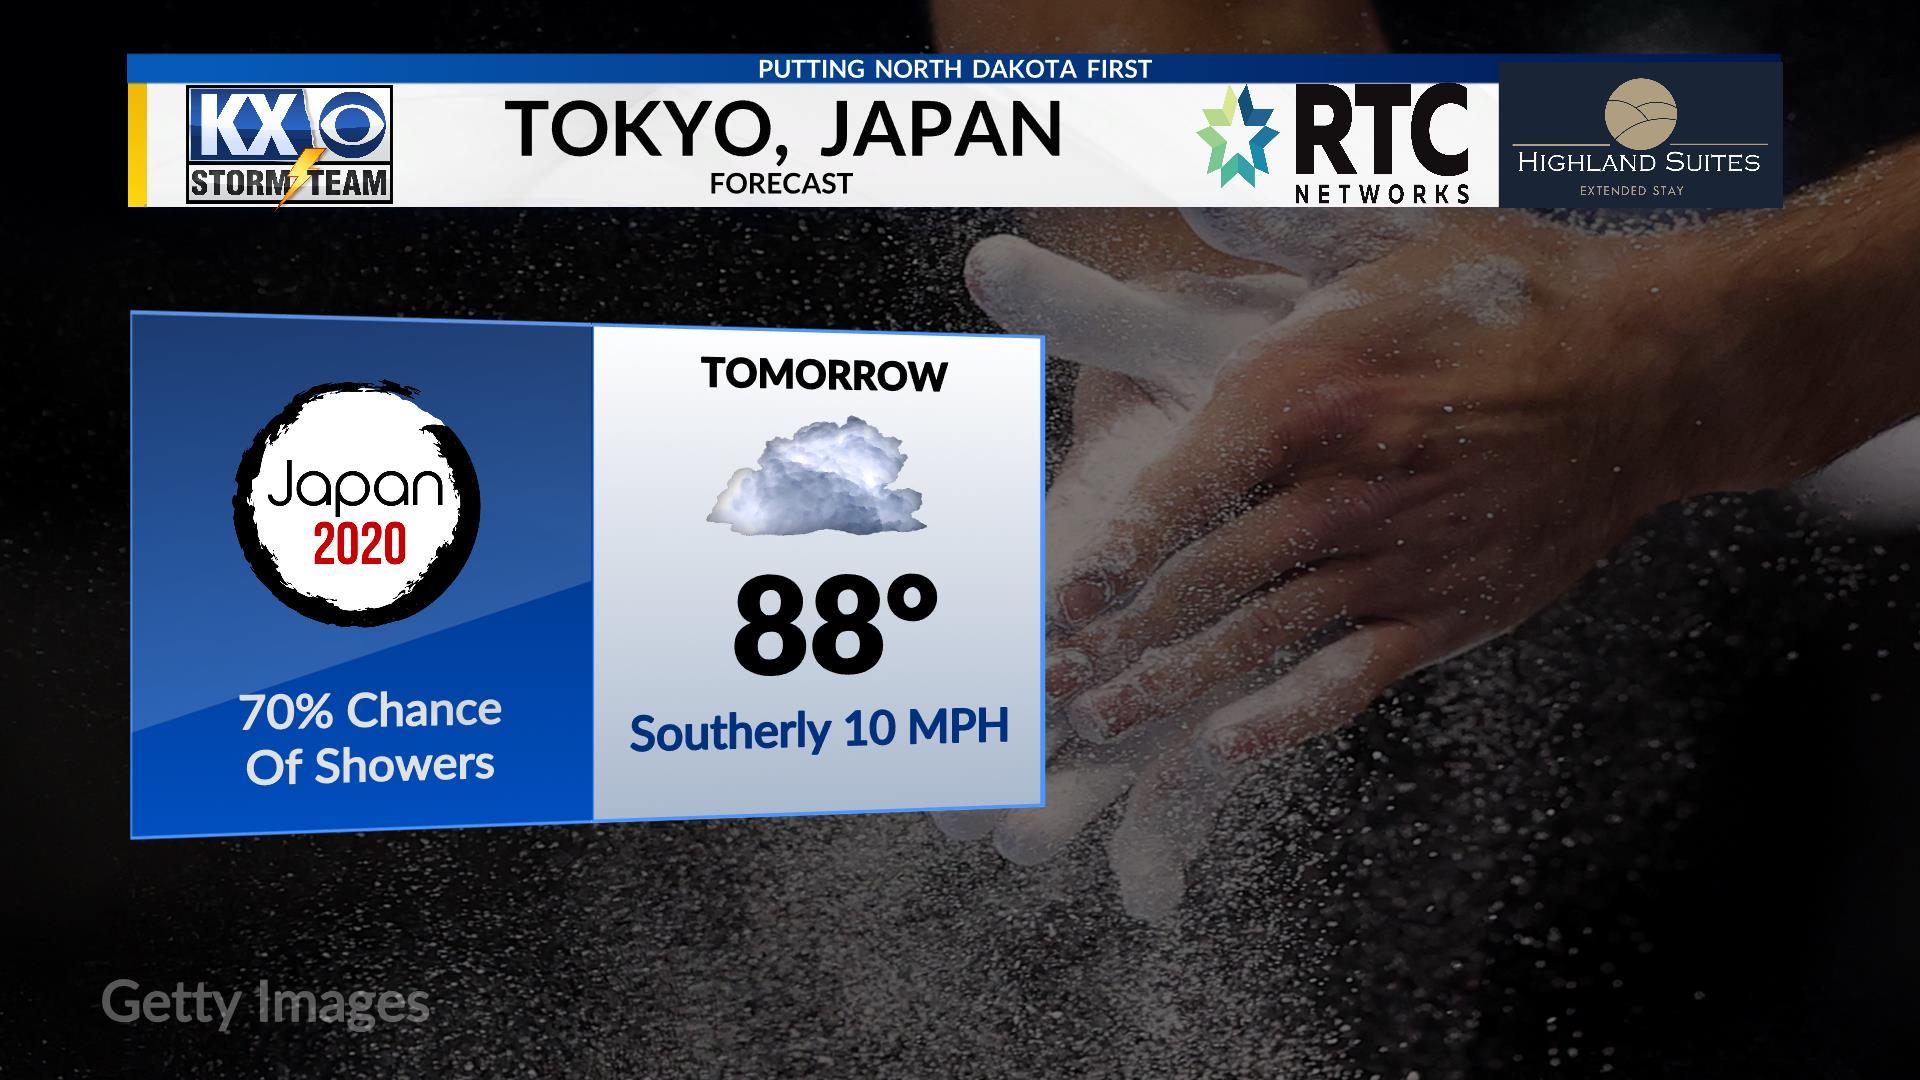 Japan Forecast